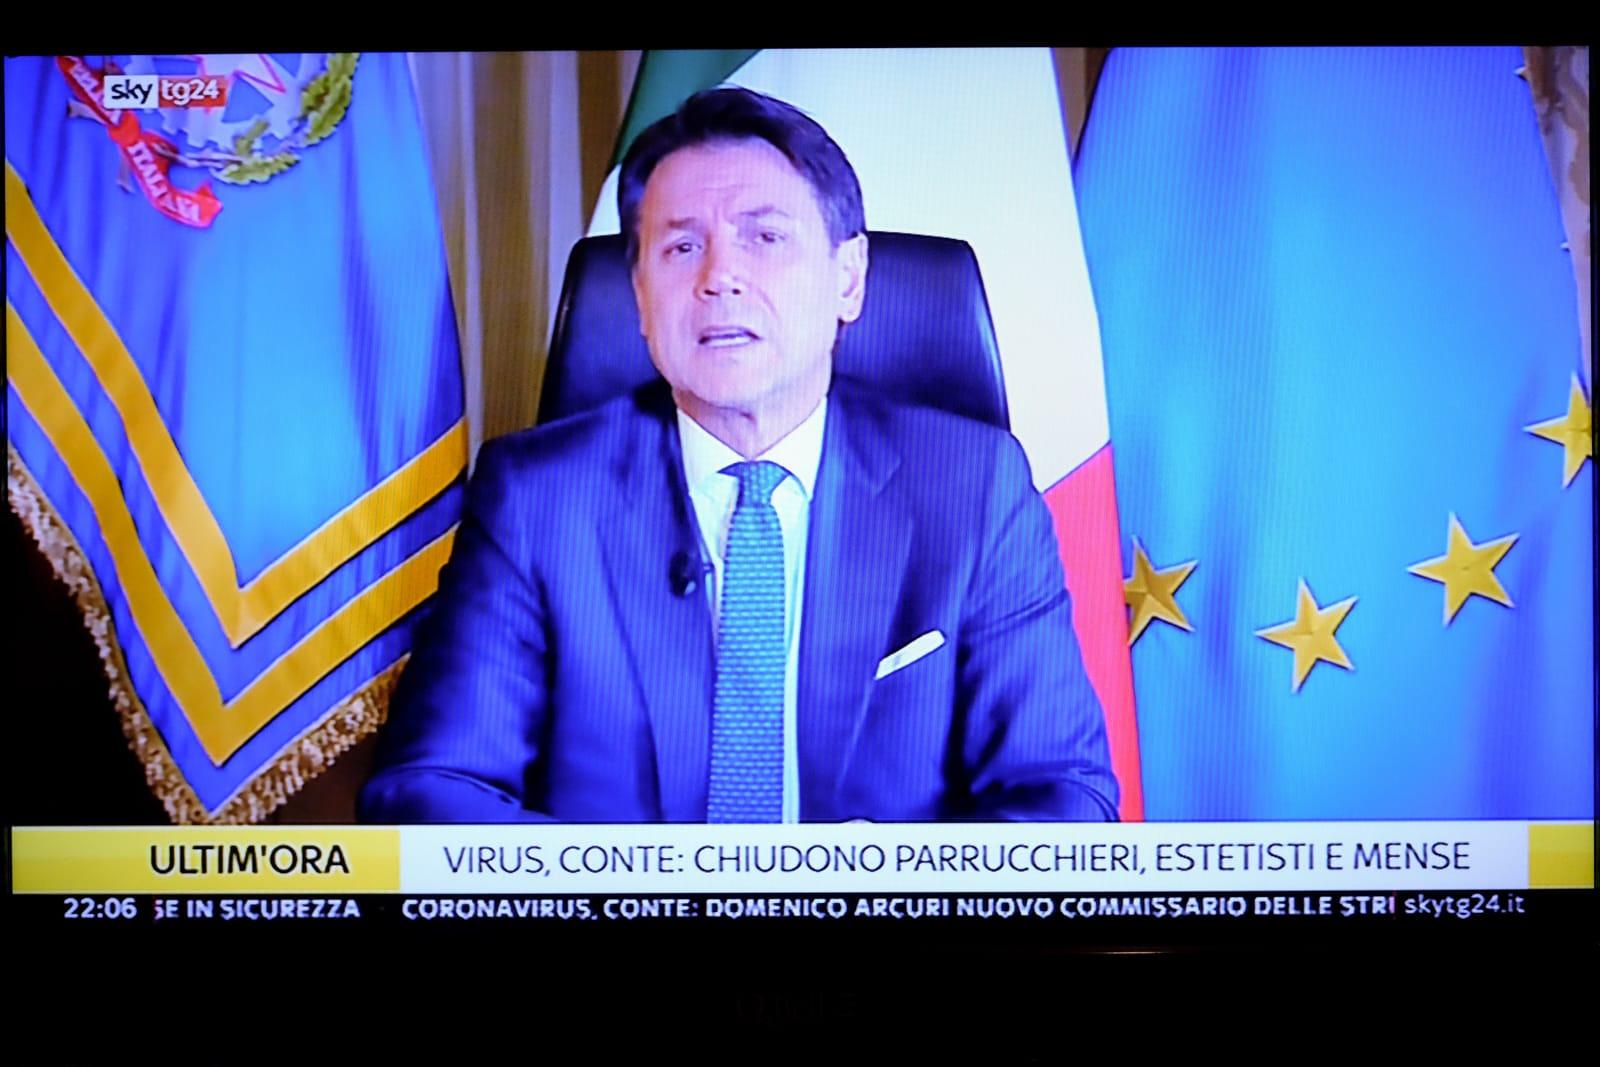 コンテ首相は毎日のようにテレビに登場し、国民にメッセージを投げかける